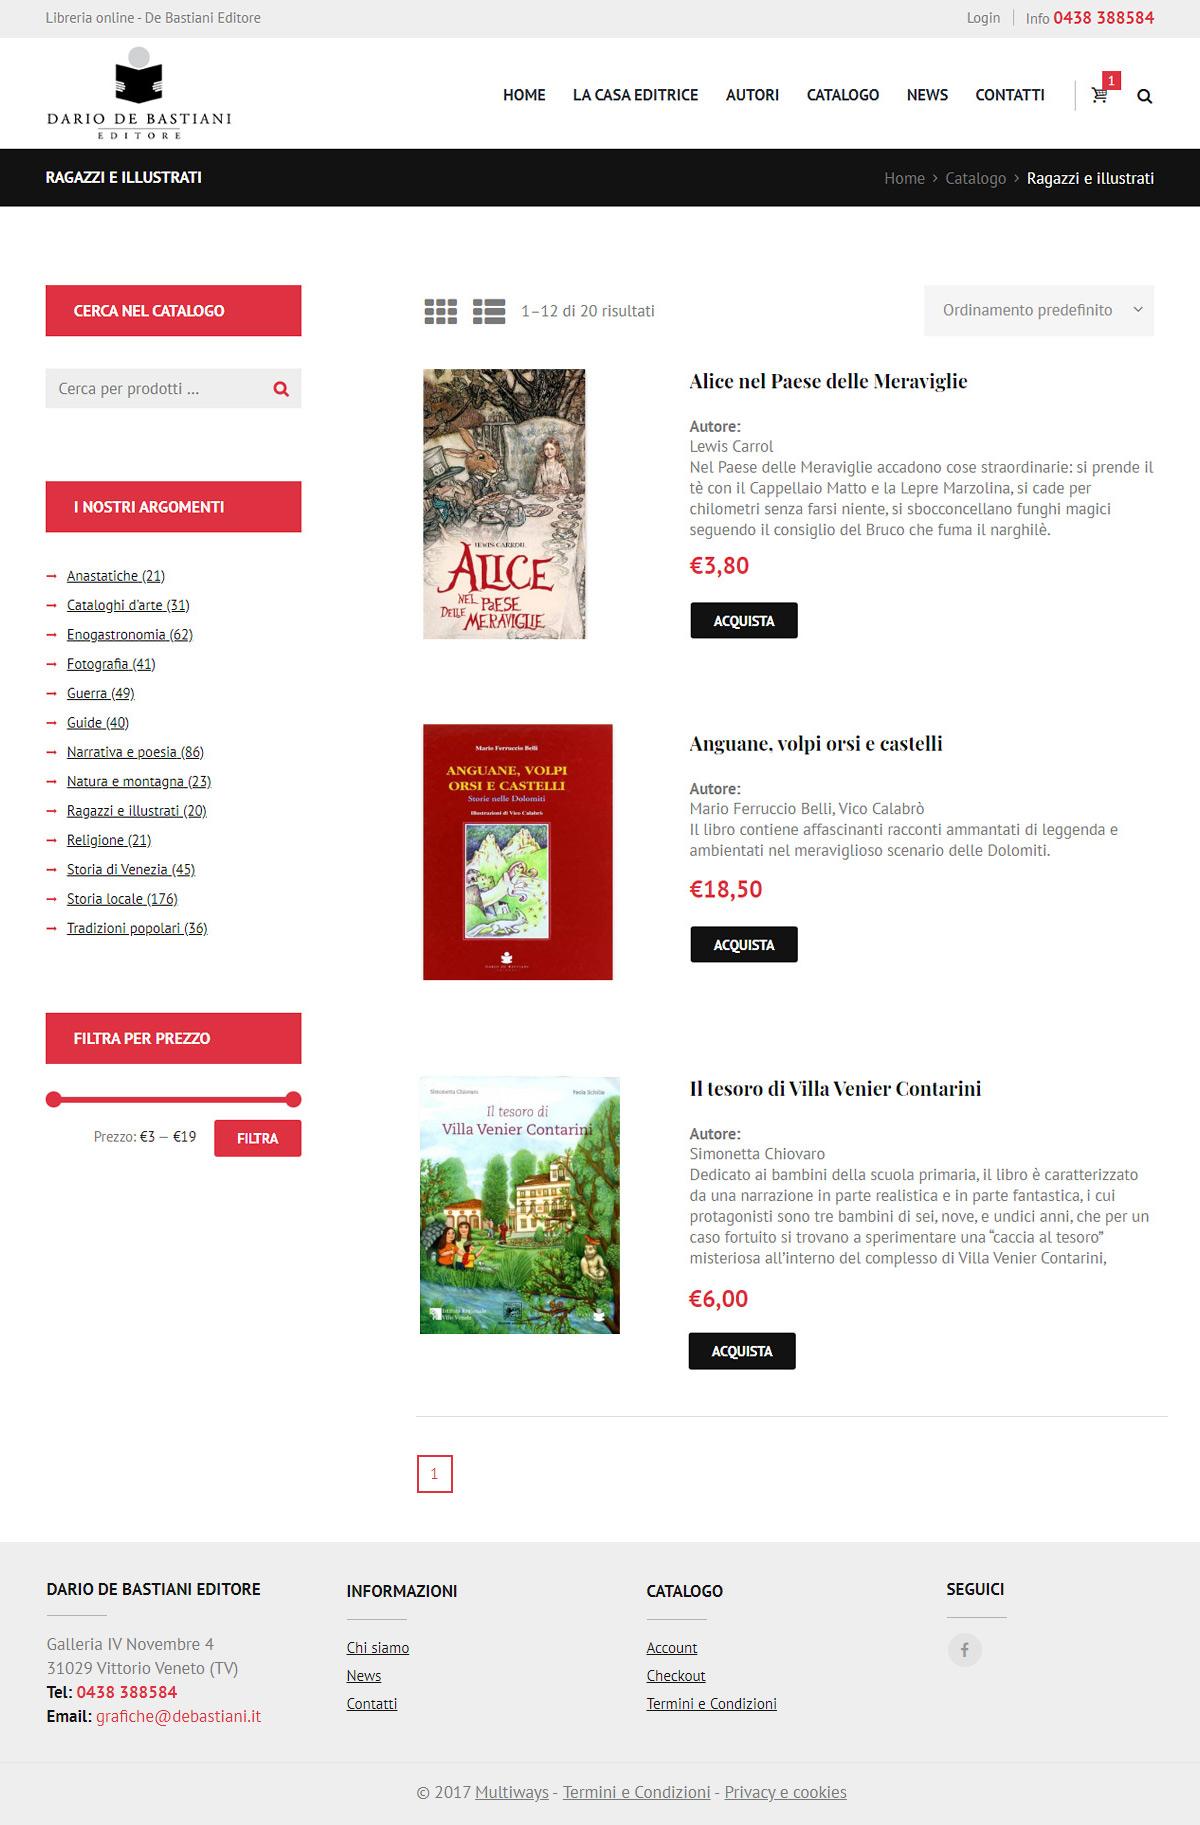 Catalogo libri De Bastiani Editore